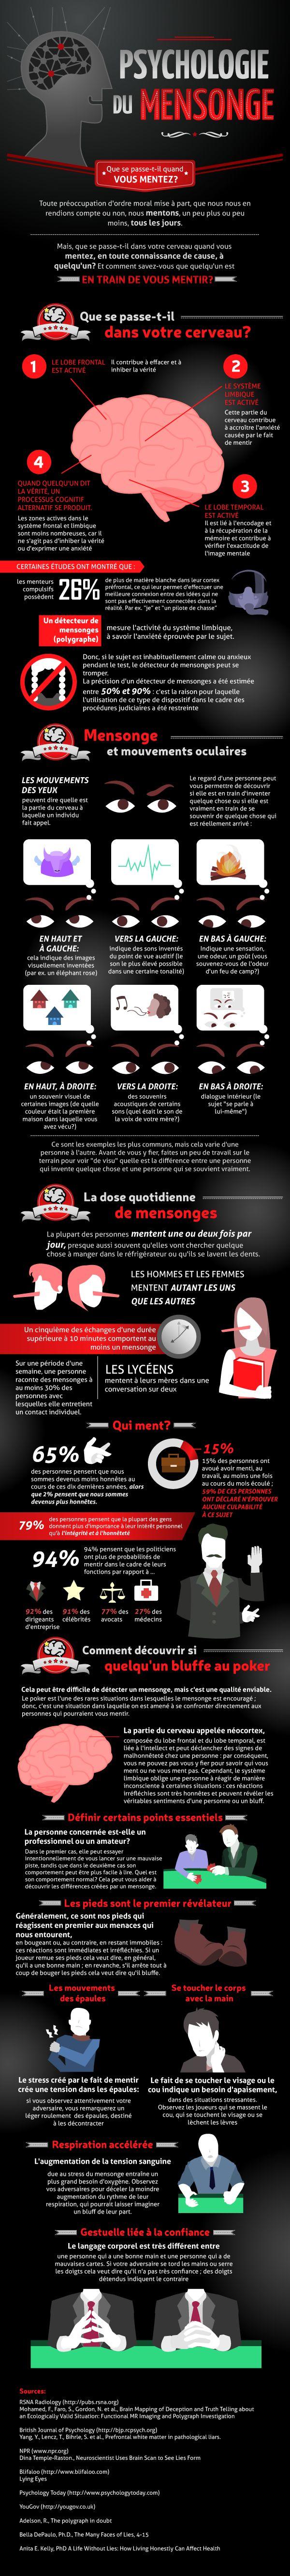 Poker face ou mensonge criard ! une infographie pour mieux comprendre la psychologie du mensonge.